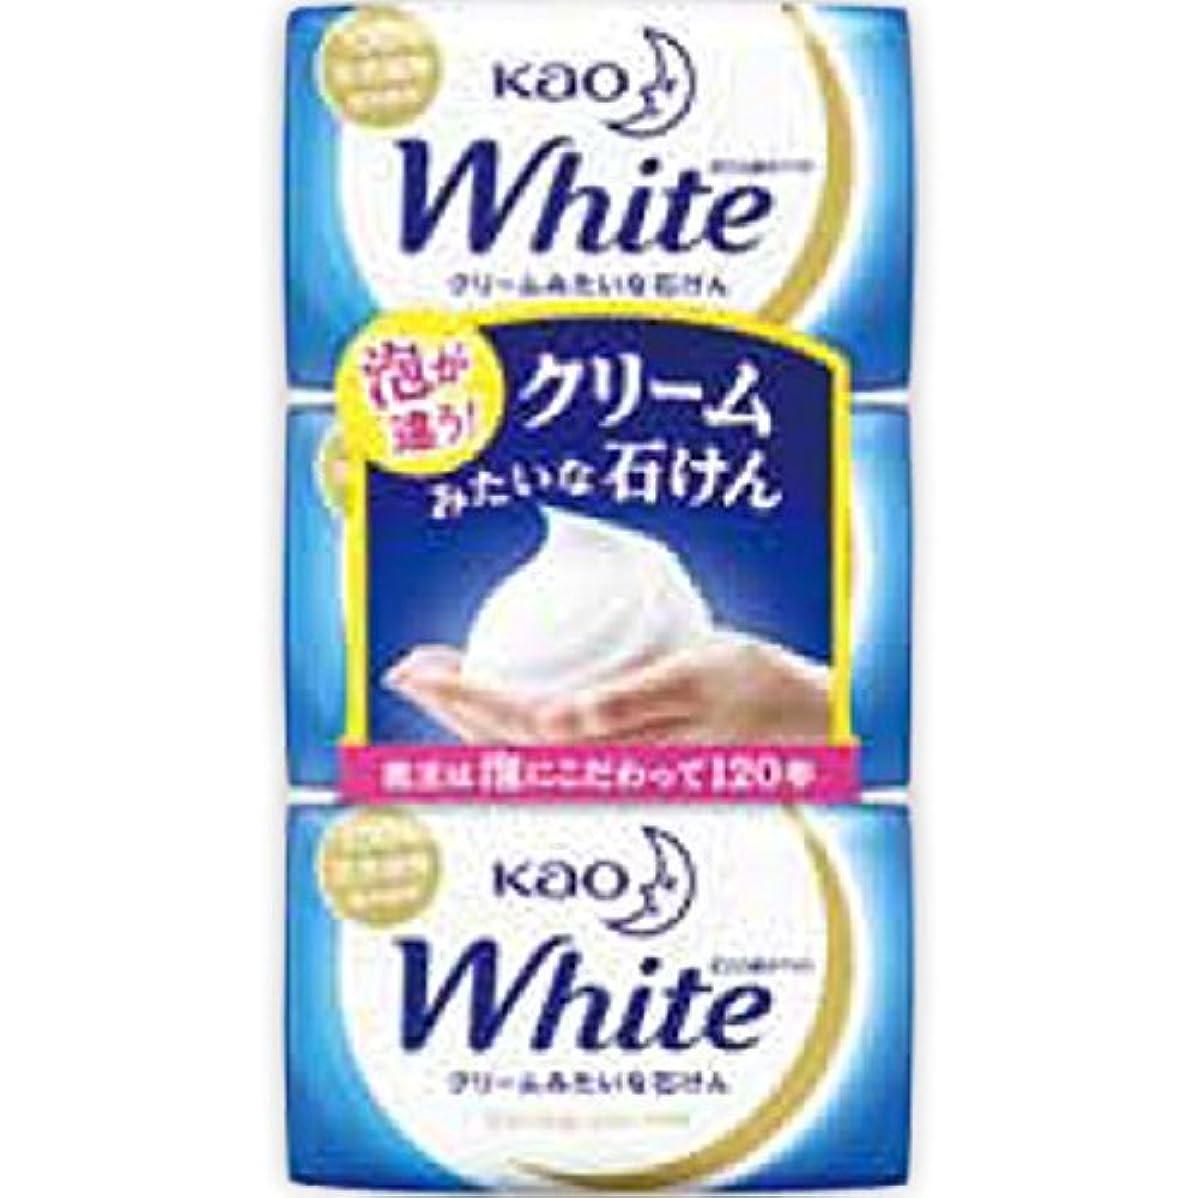 ミネラル任意責花王ホワイト レギュラーサイズ 85g*3個入